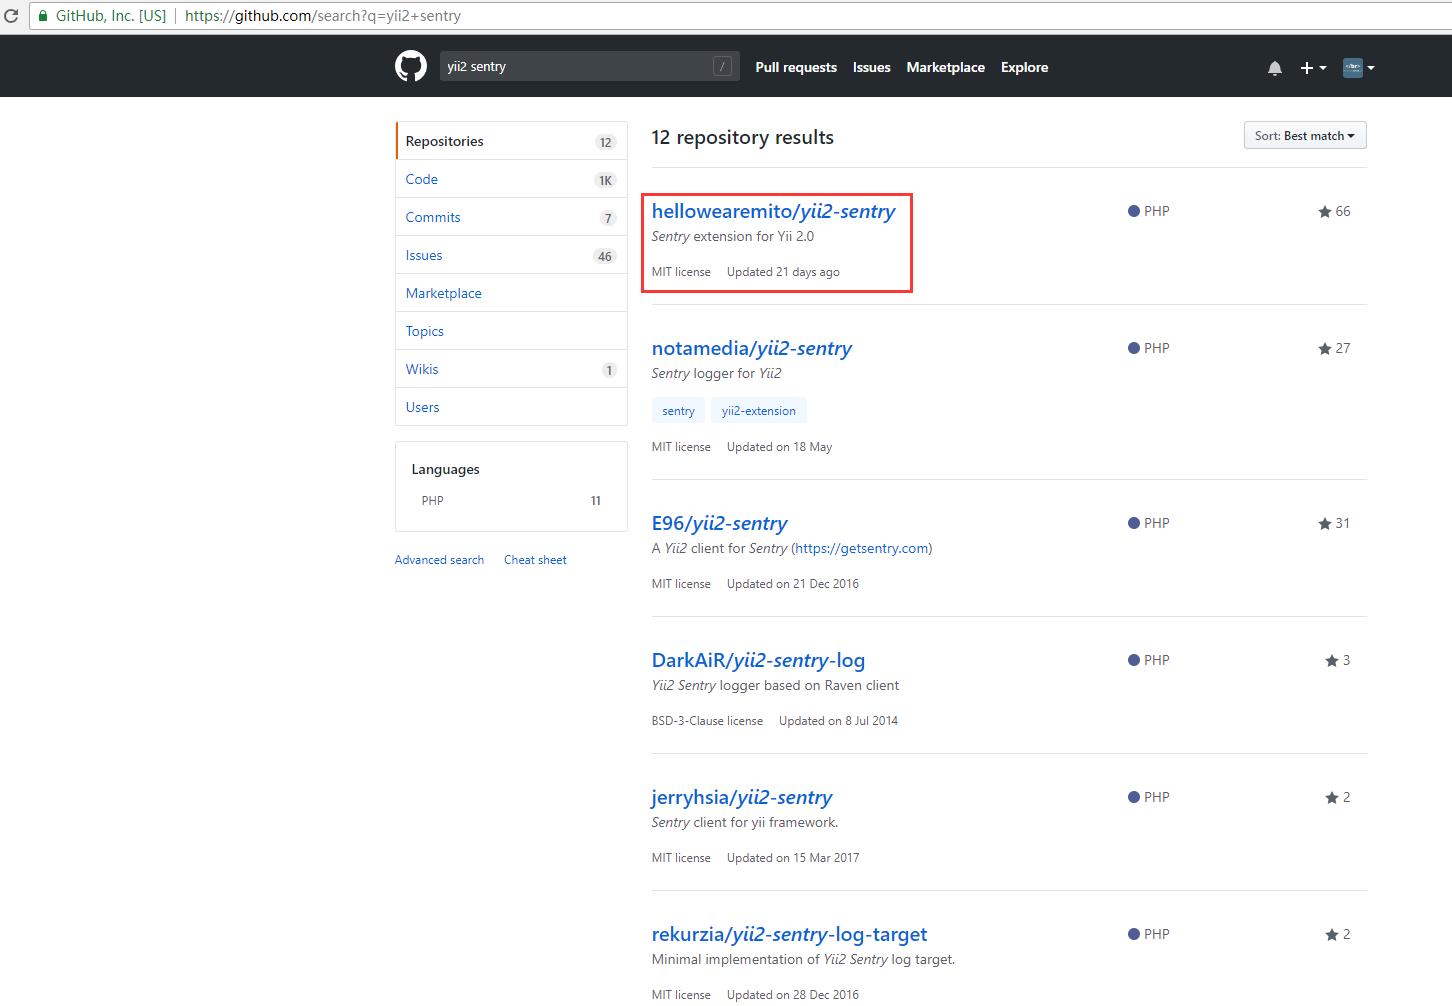 在 GitHub 中搜索 yii2 sentry,决定基于 hellowearemito/yii2-sentry 实现